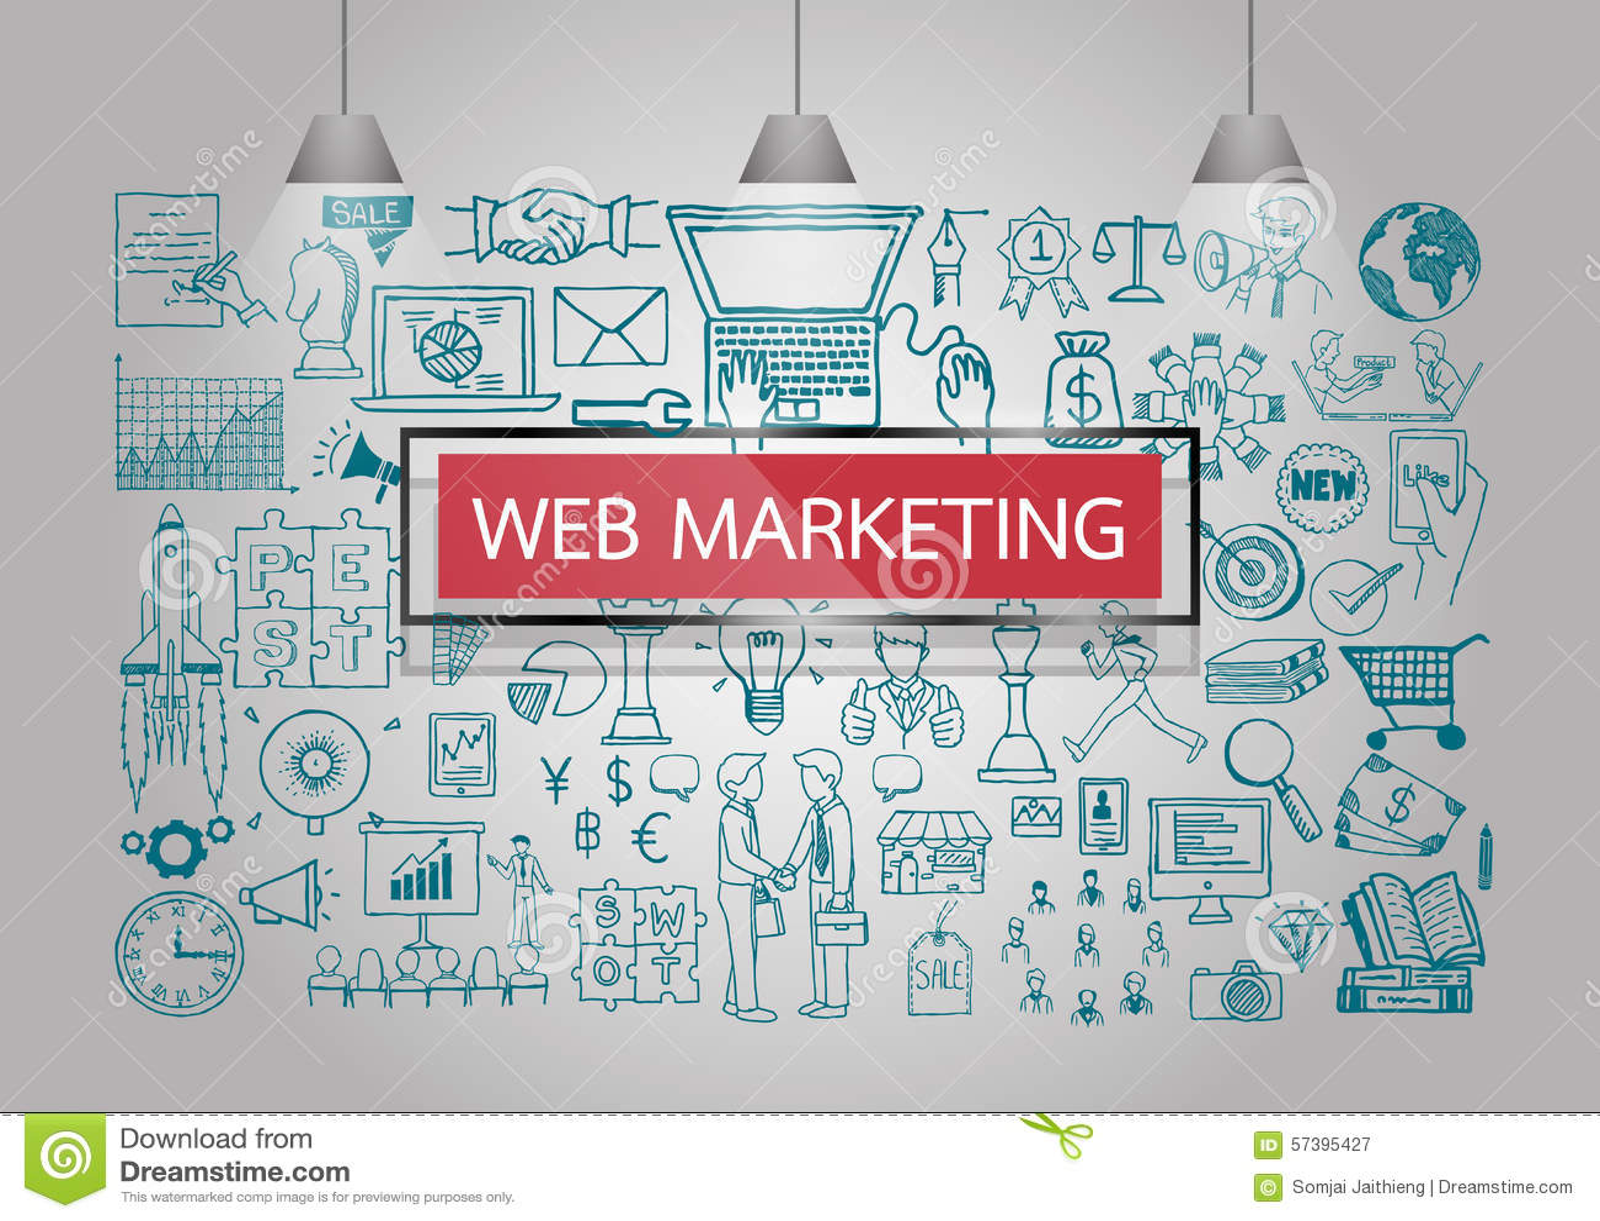 Επιχείρηση doodles για το μάρκετινγκ Ιστού στον τοίχο με το κόκκινους διαφανείς πλαίσιο και τους λαμπτήρες